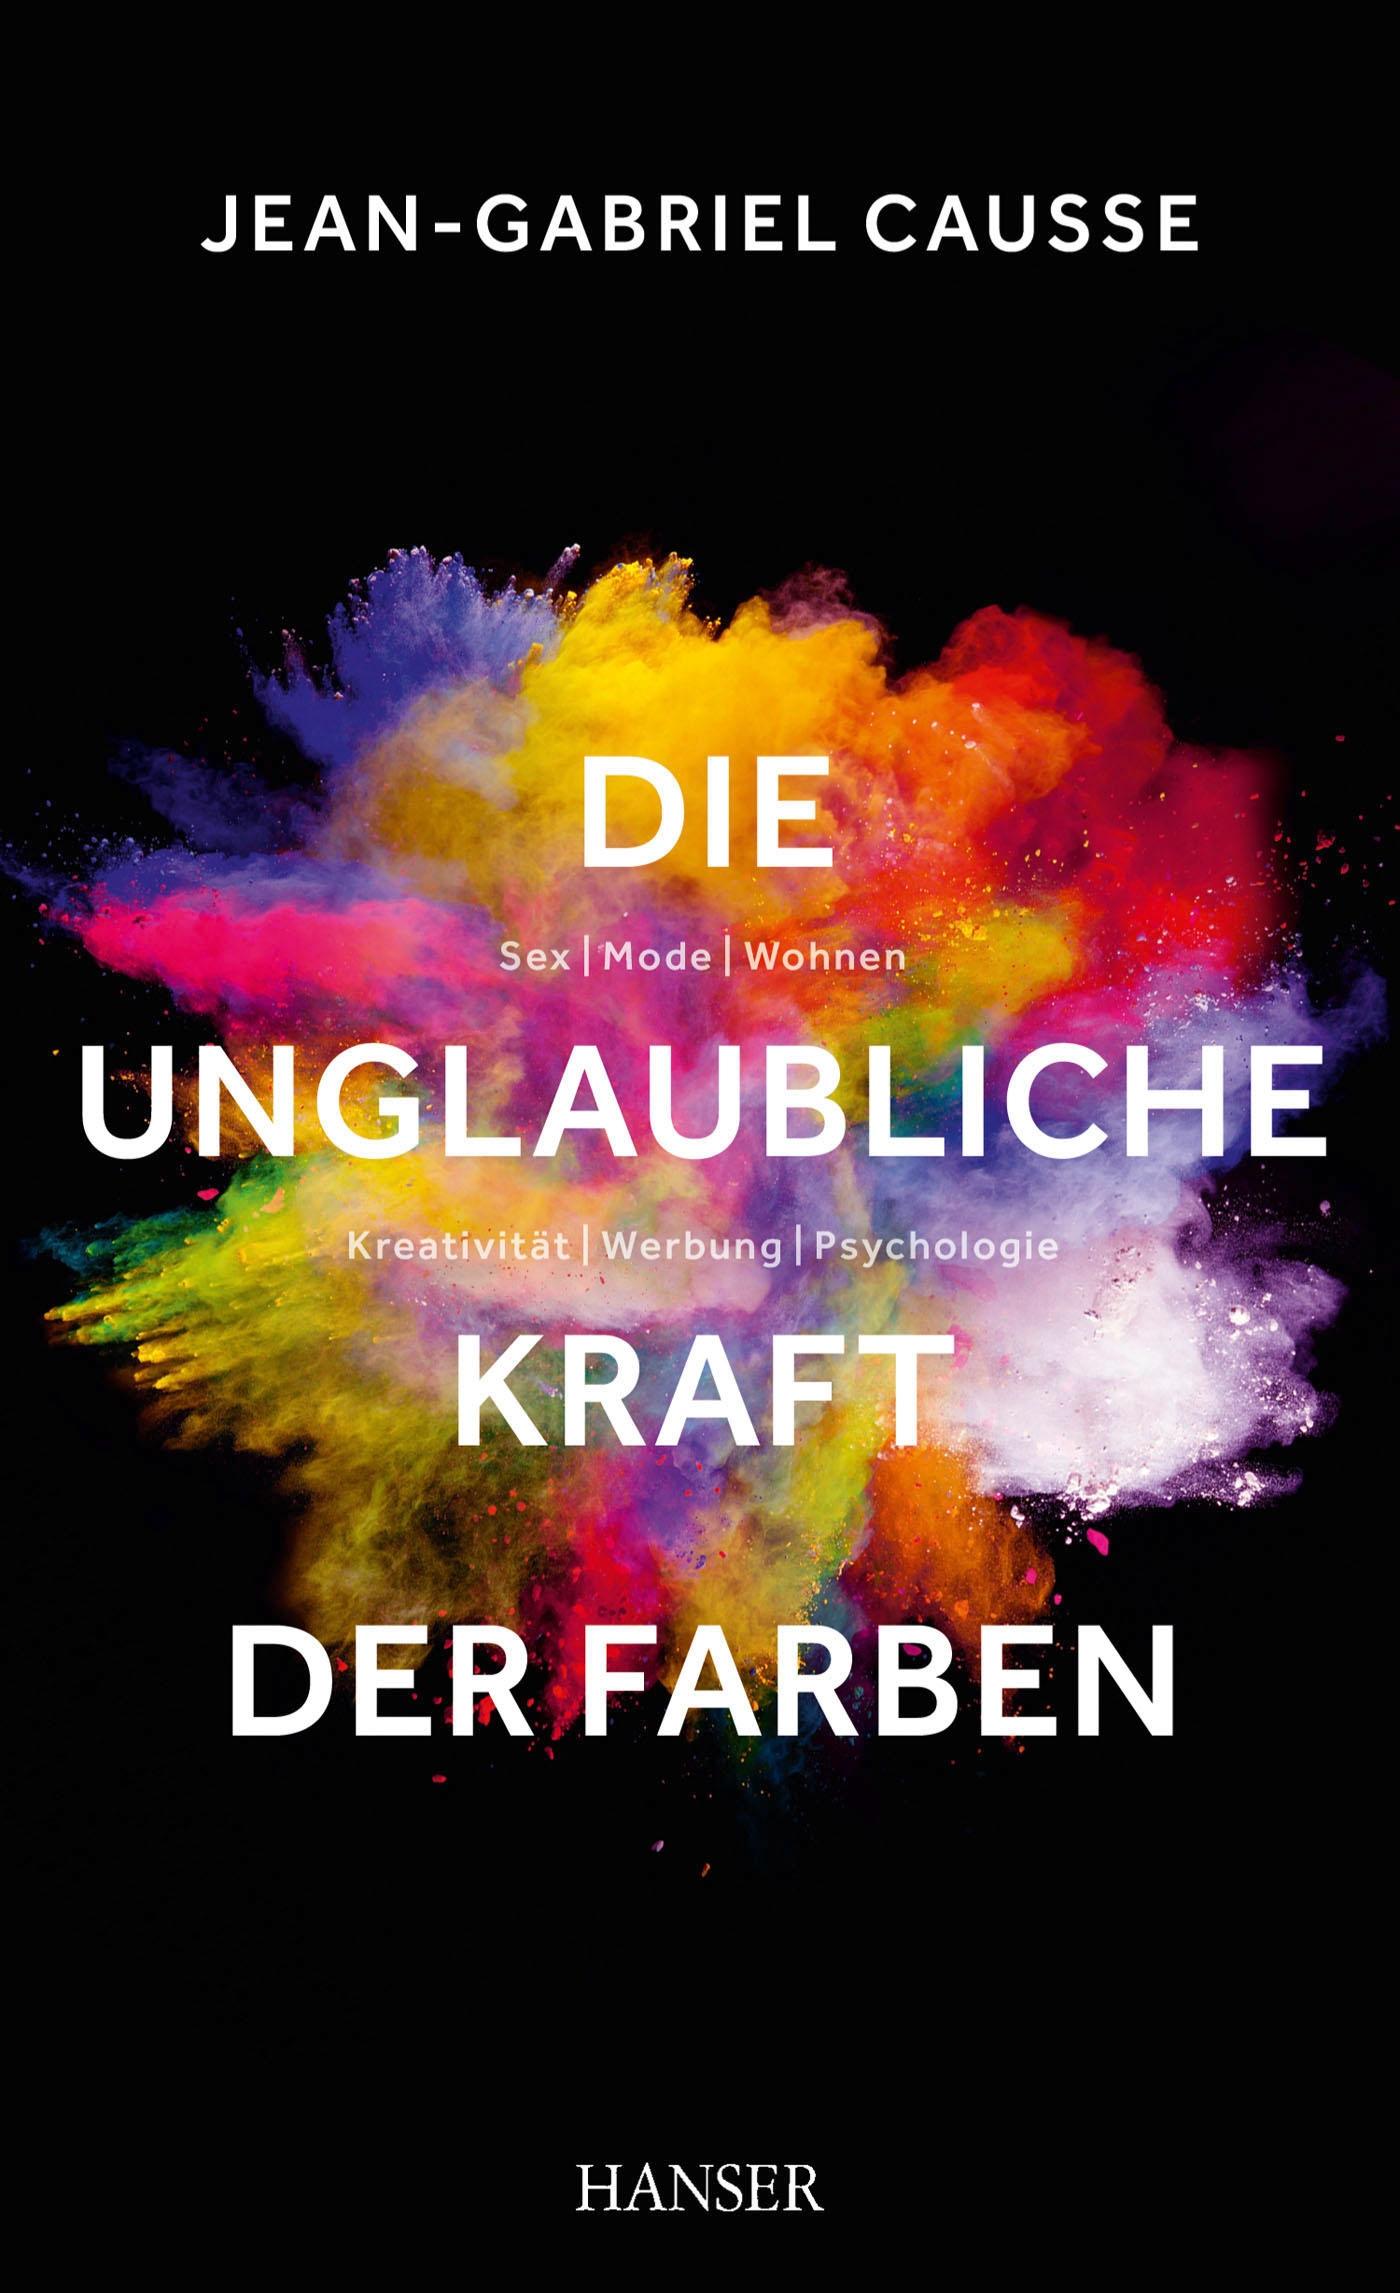 Die unglaubliche Kraft der Farben - Bücher - Hanser Literaturverlage